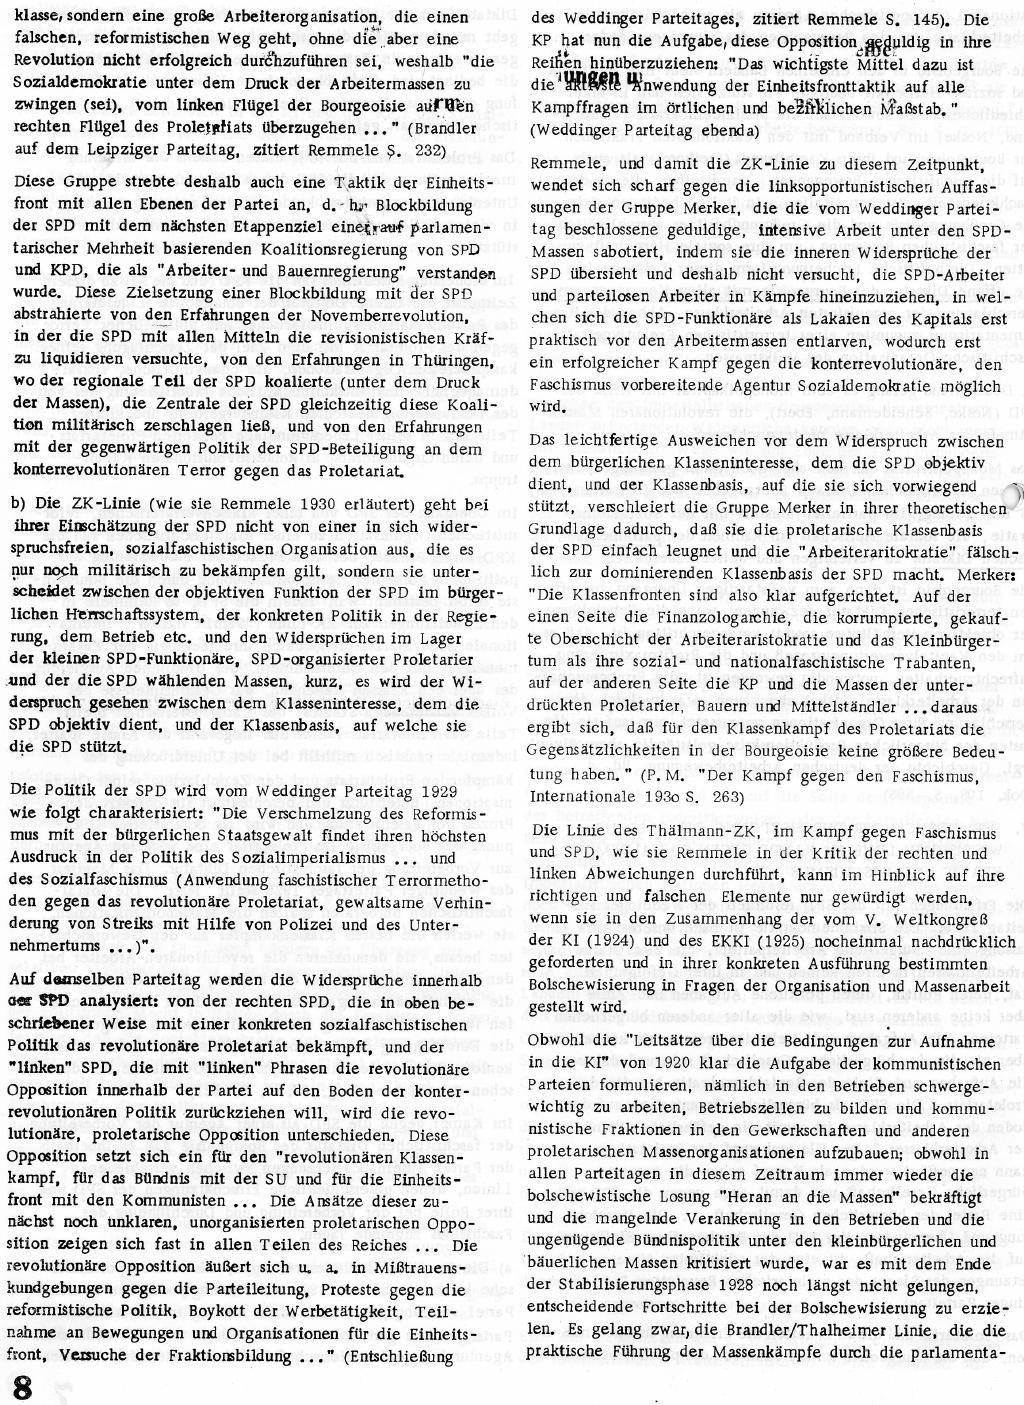 RPK_1970_087_08